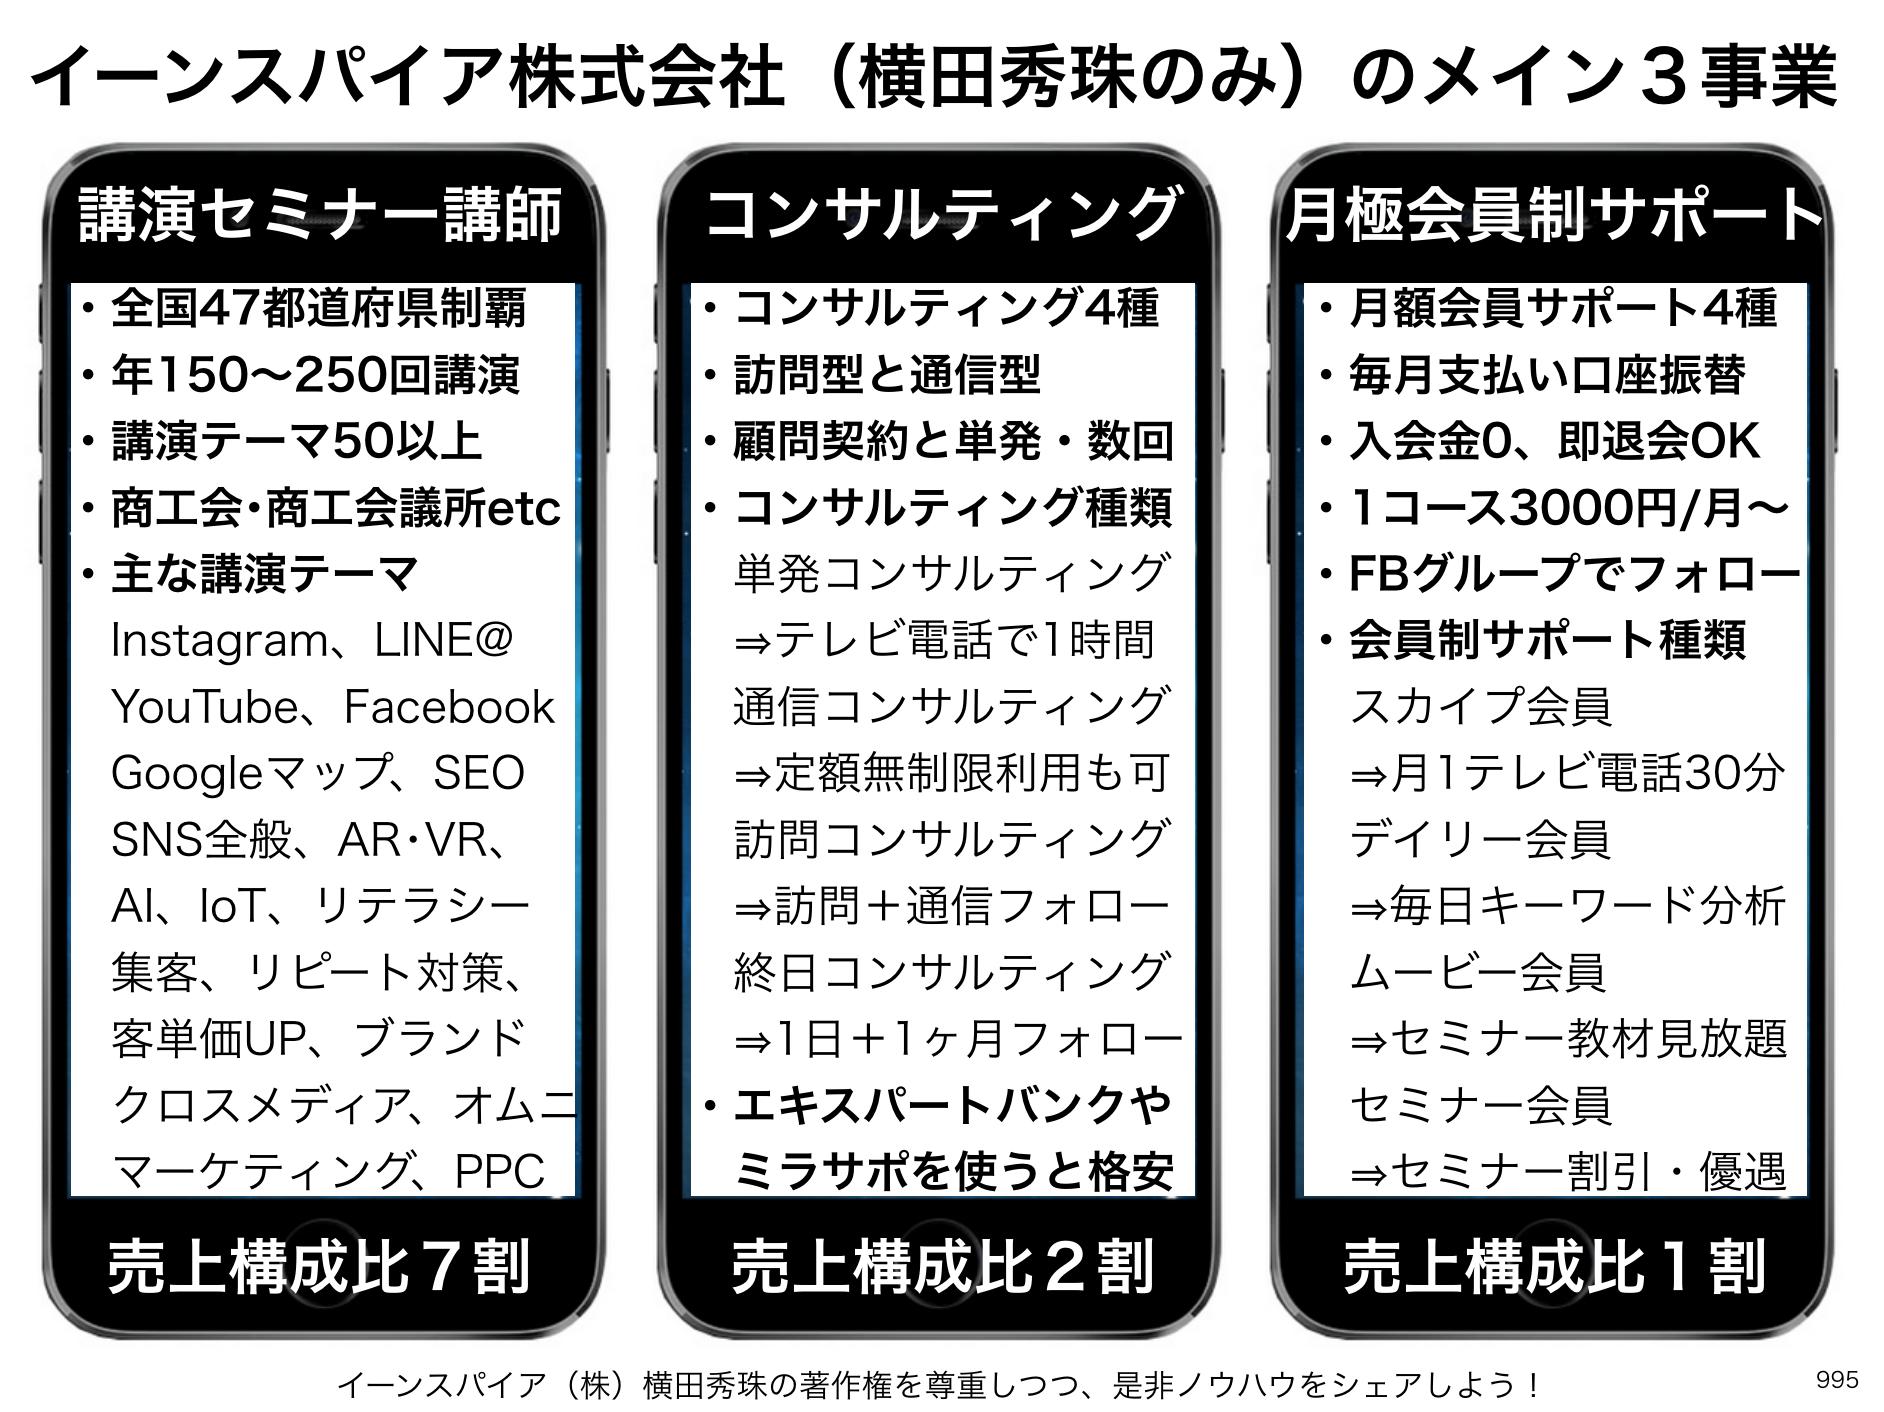 イーンスパイア株式会社(横田秀珠のみ)のメイン3事業